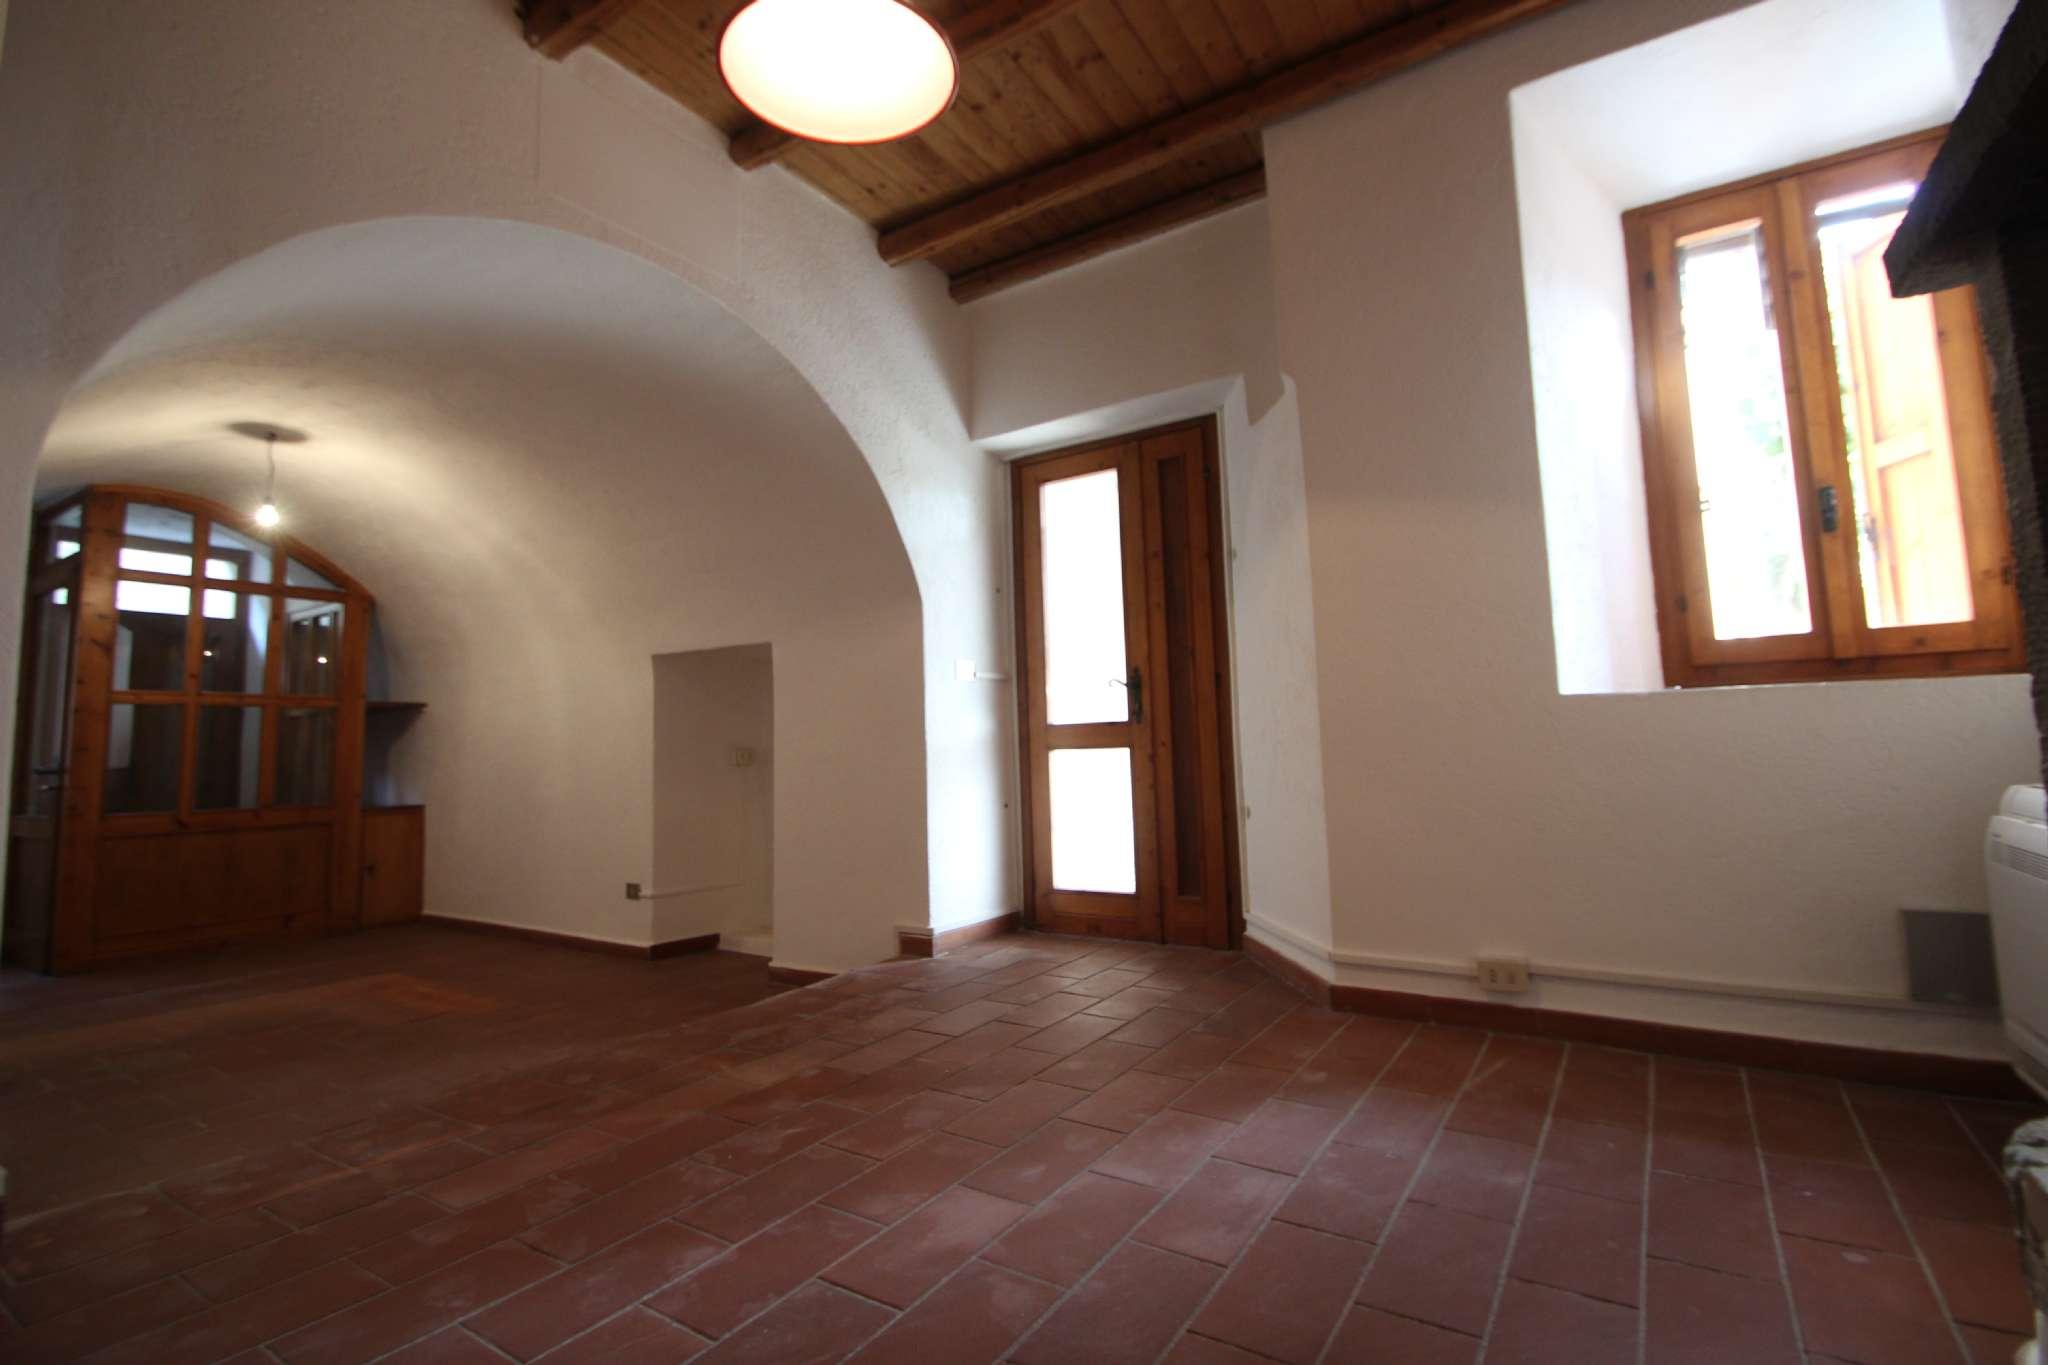 Ufficio / Studio in affitto a Bonate Sotto, 2 locali, prezzo € 400 | CambioCasa.it